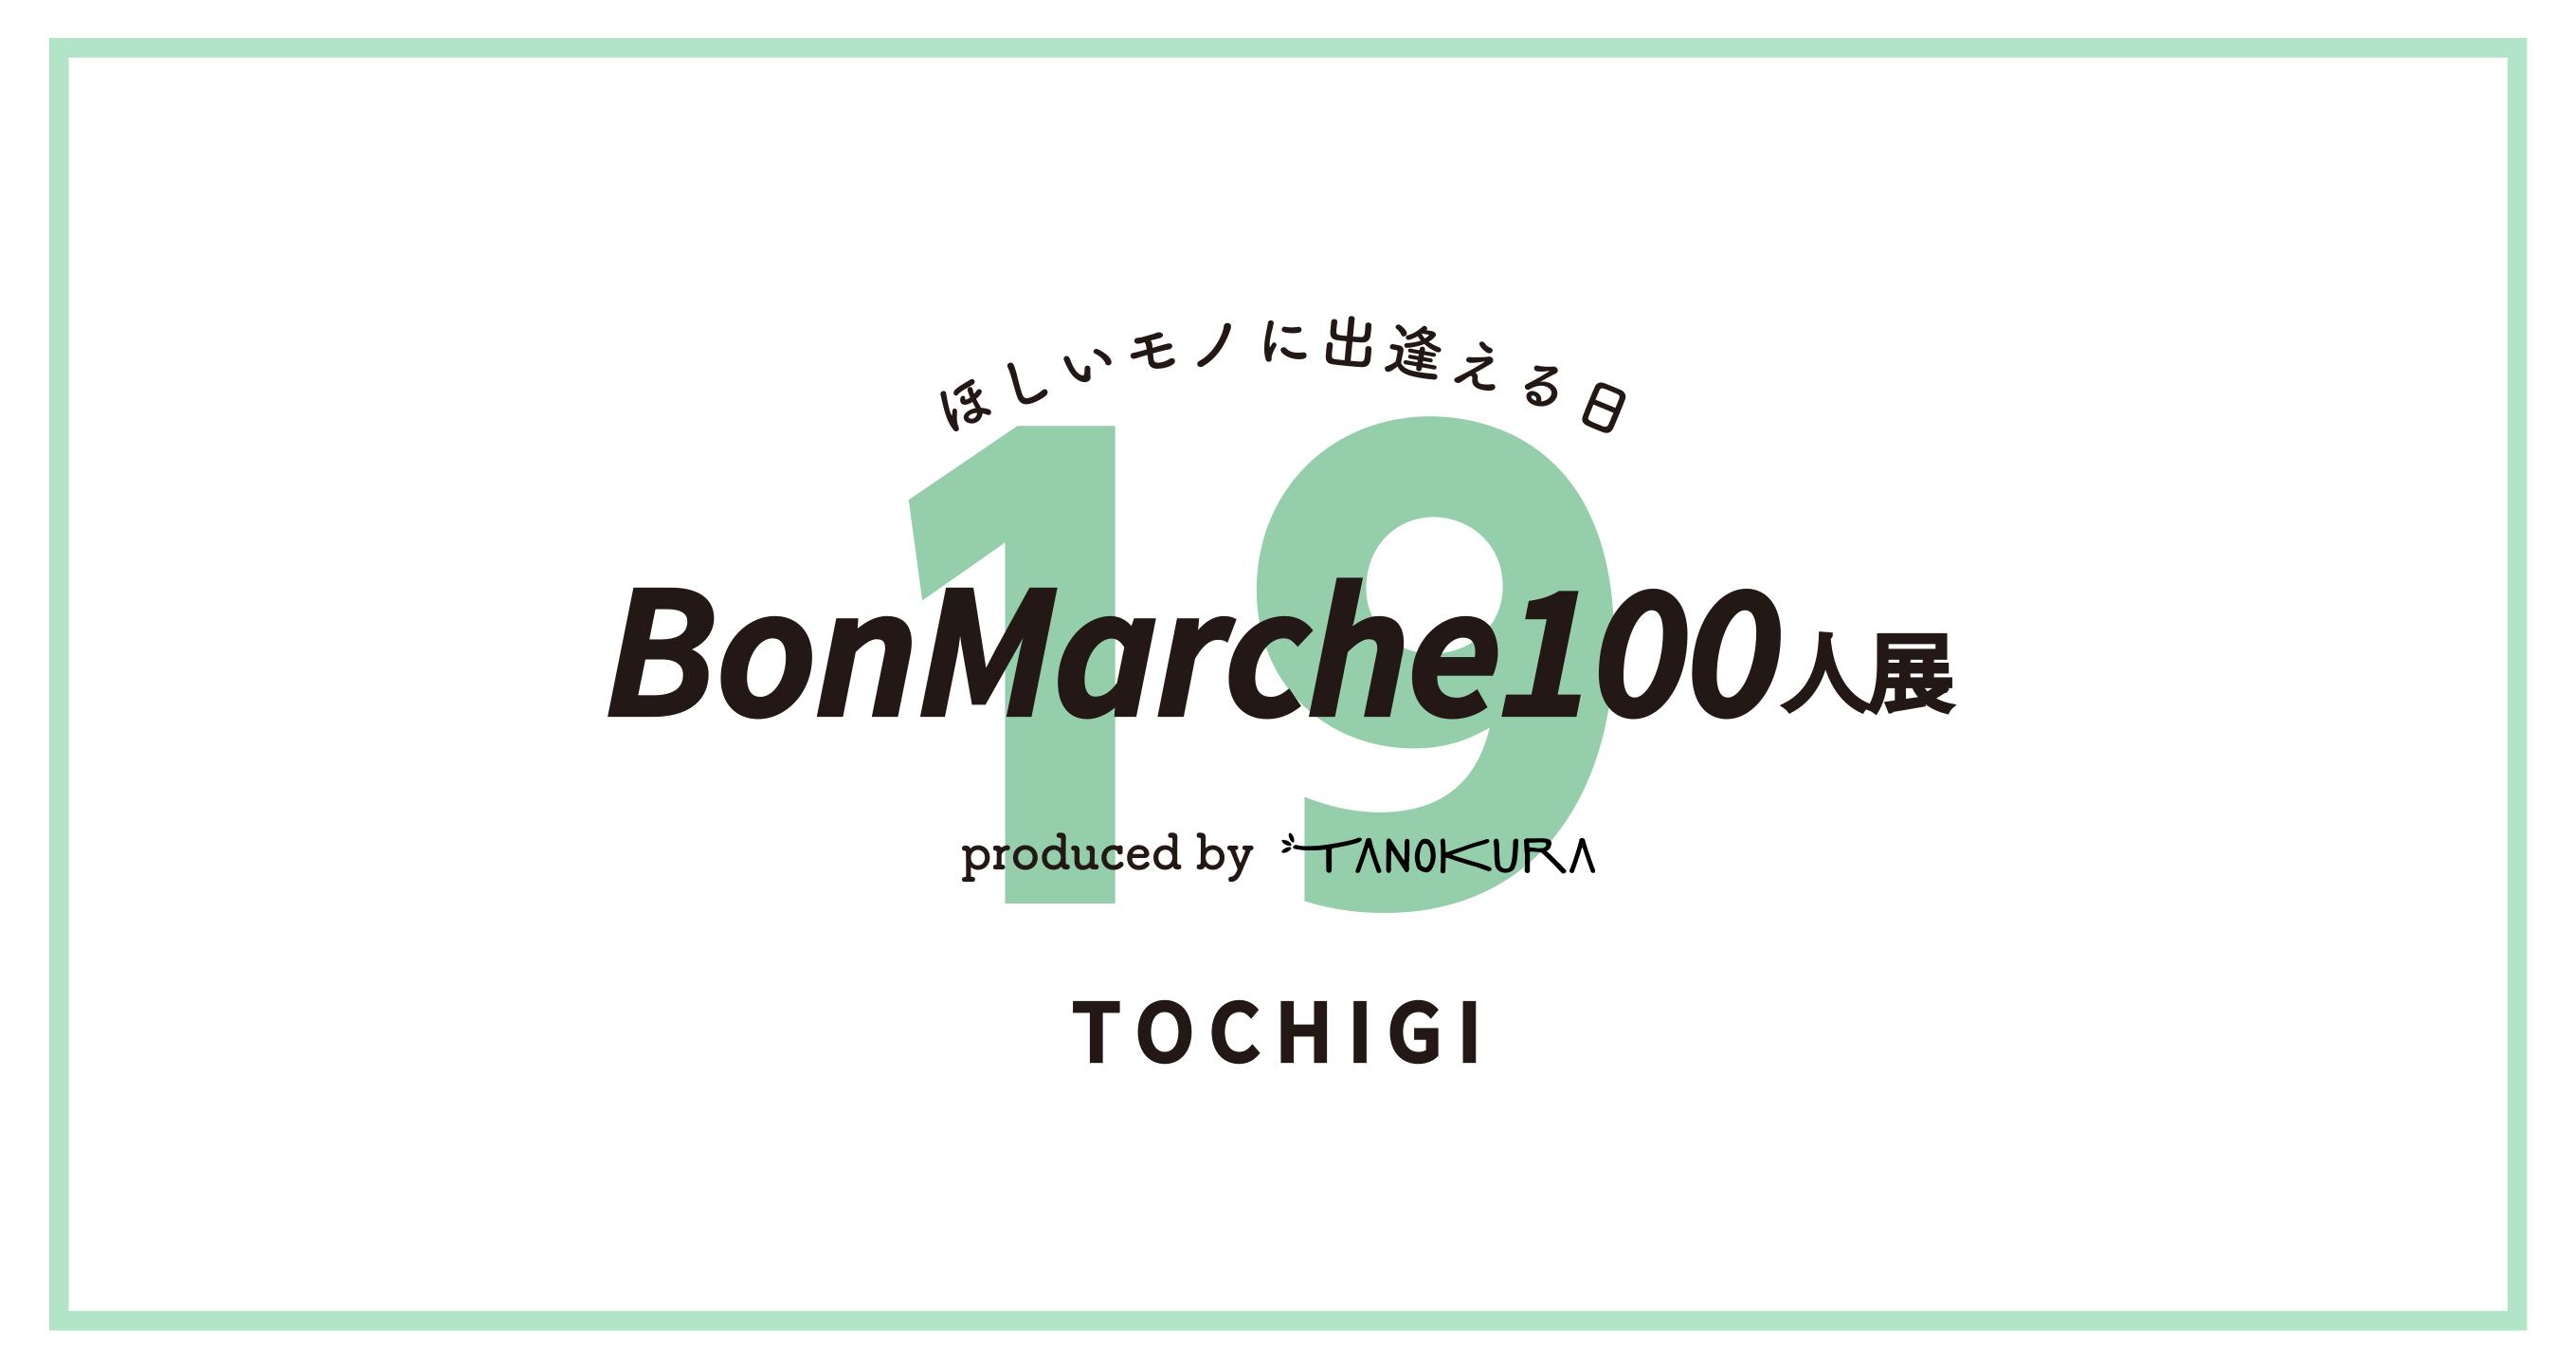 【出展者専用ページ BonMarche100人展in栃木 vol.19 】